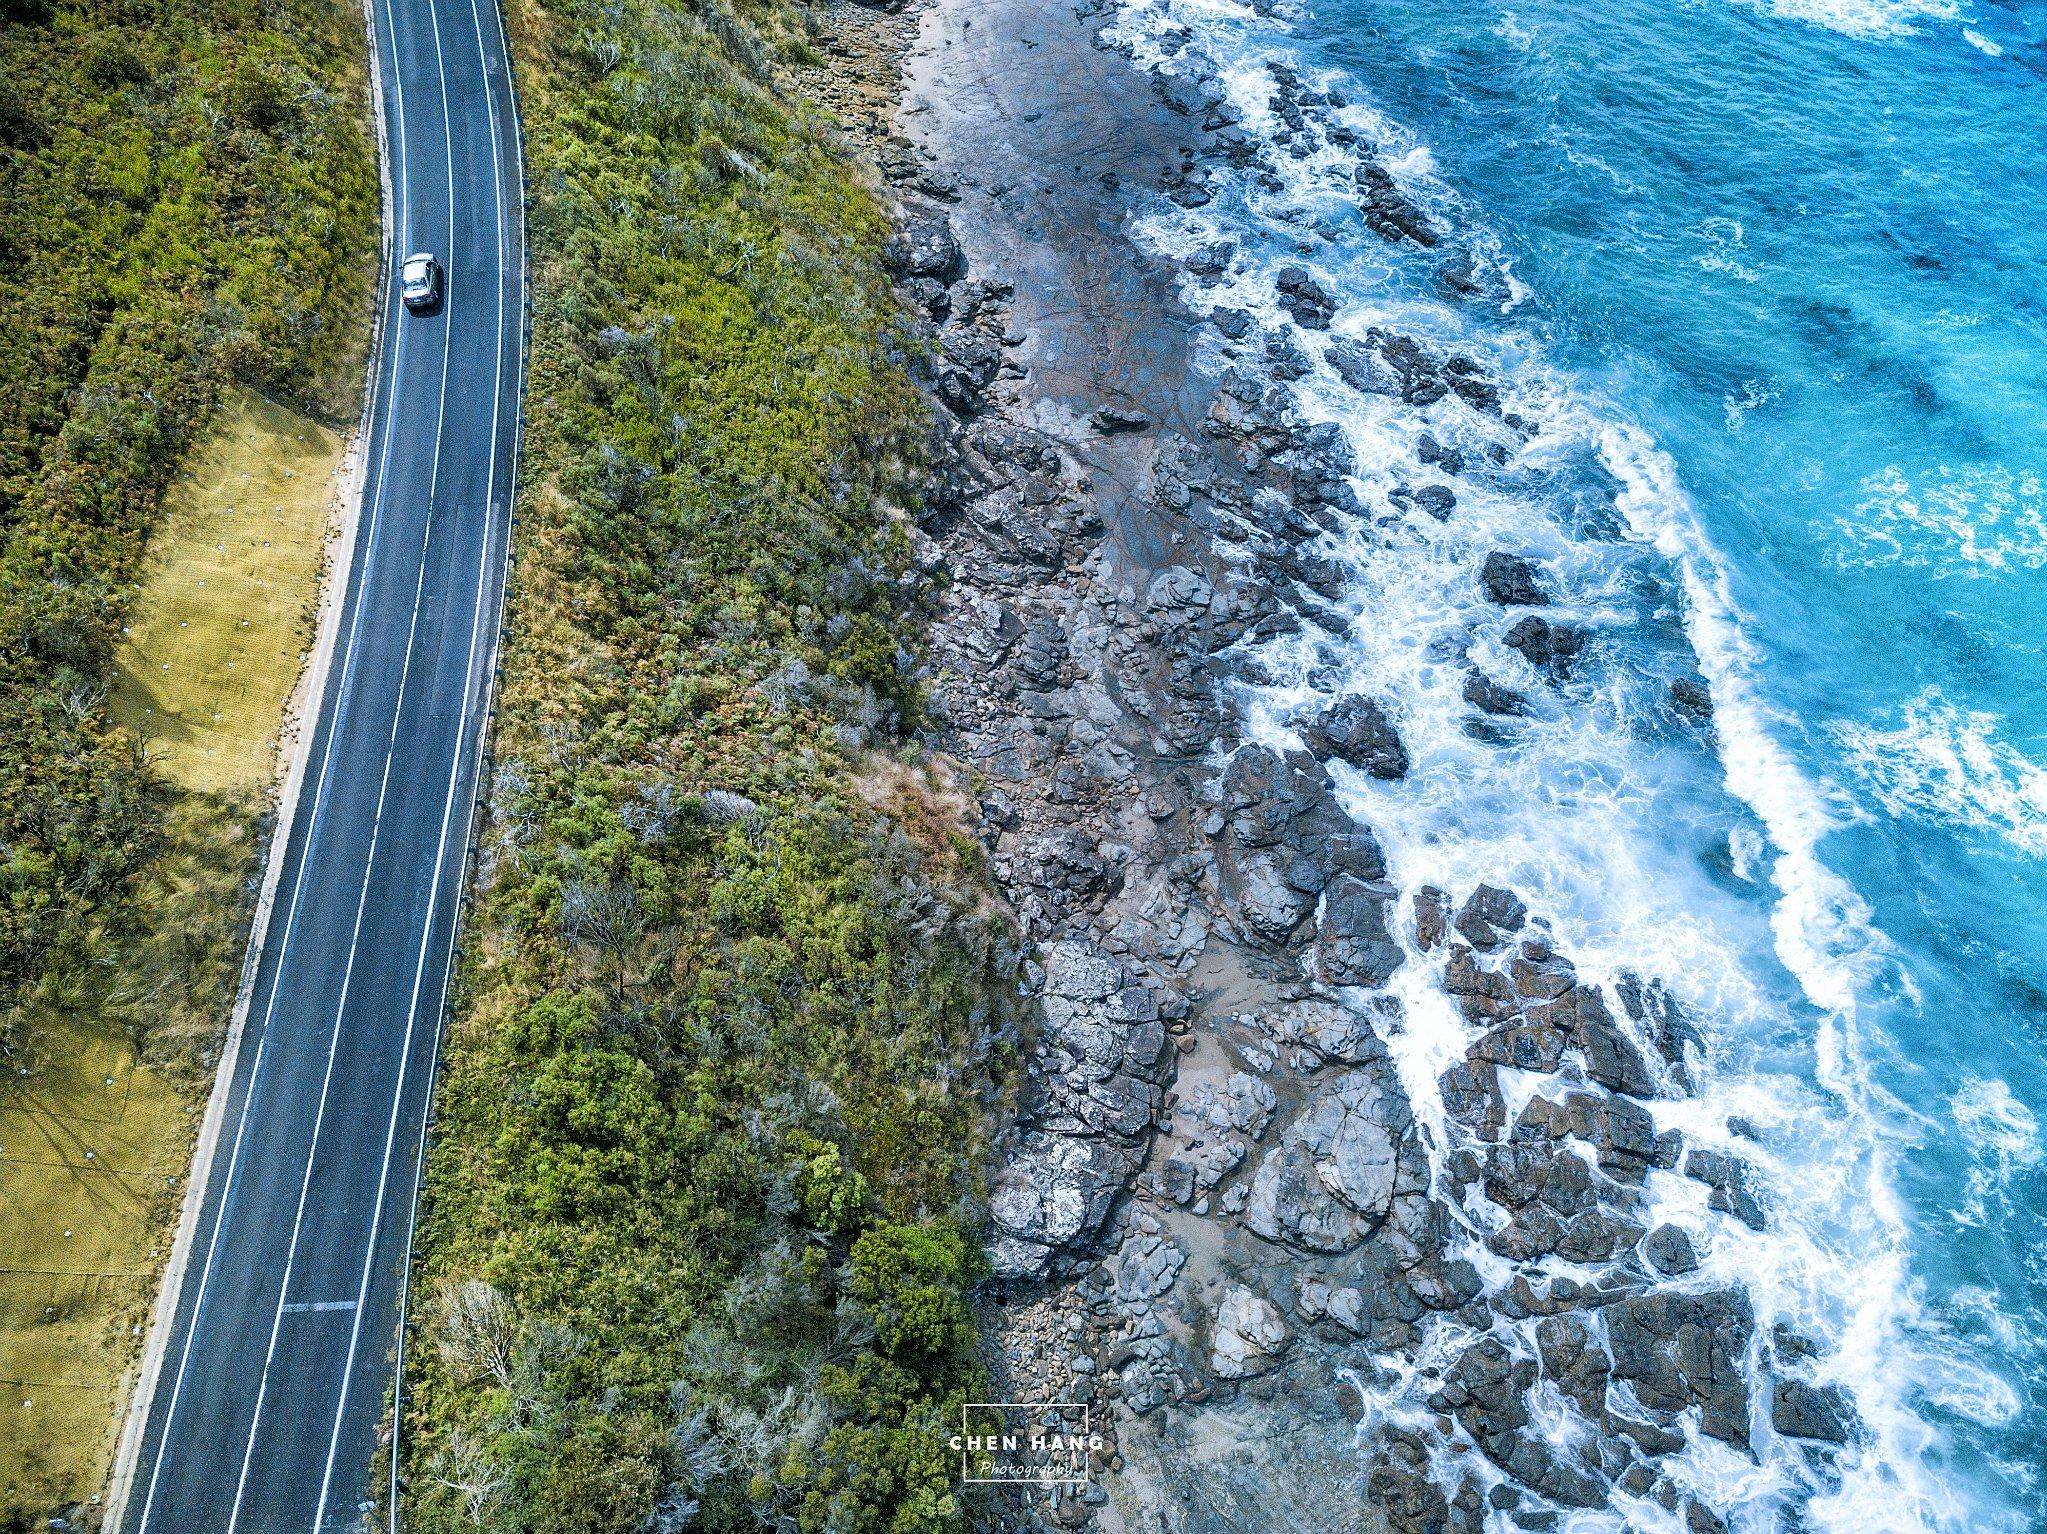 南澳墨尔本阿德自驾10日线路